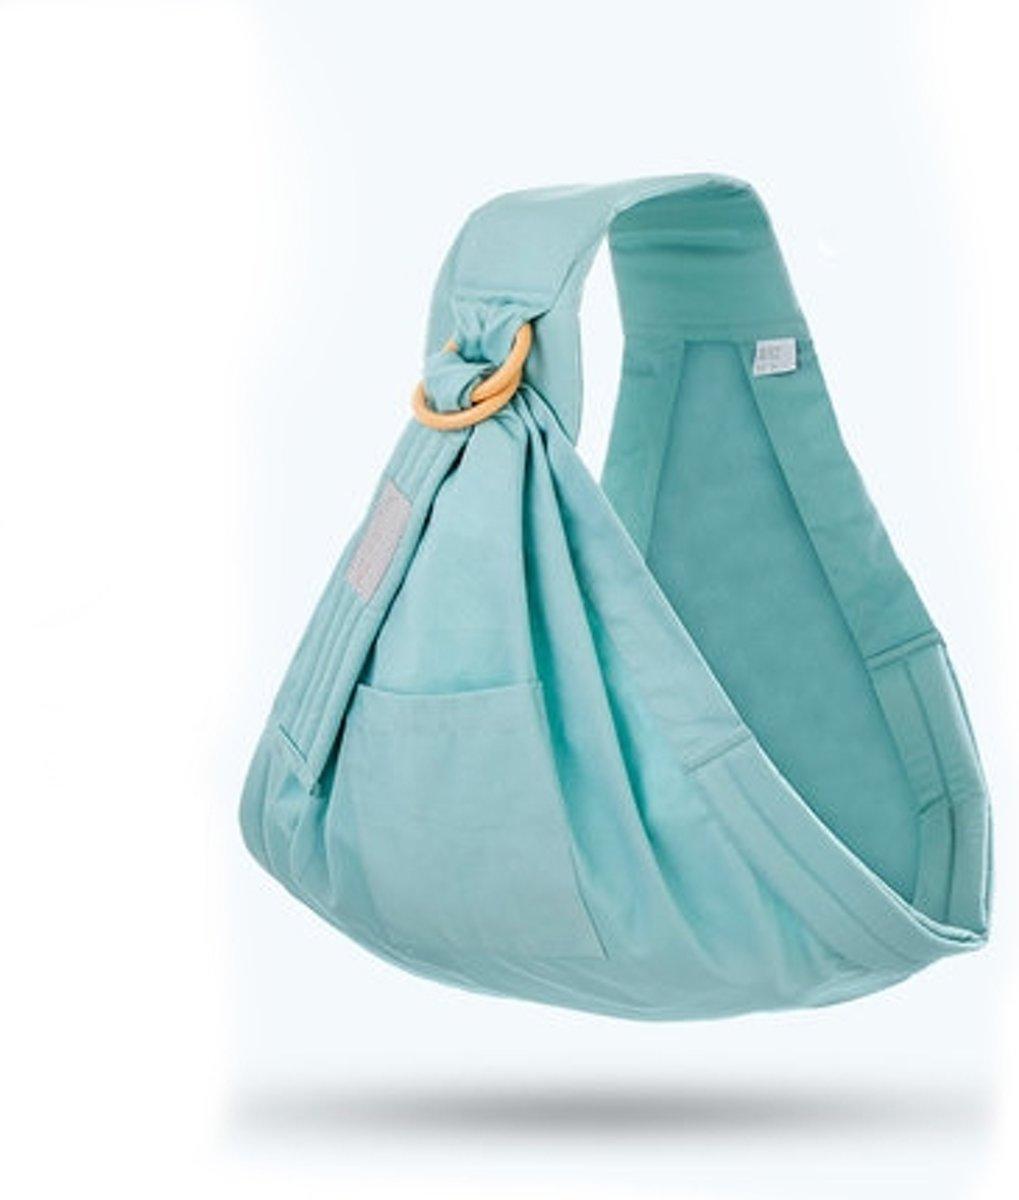 Ring Sling Draagdoek | Turquoise | Borstvoedingsdoek | Voedingsdoek | Heupdrager | 0 - 36 maanden | Gratis verzending | Kidzstore.eu